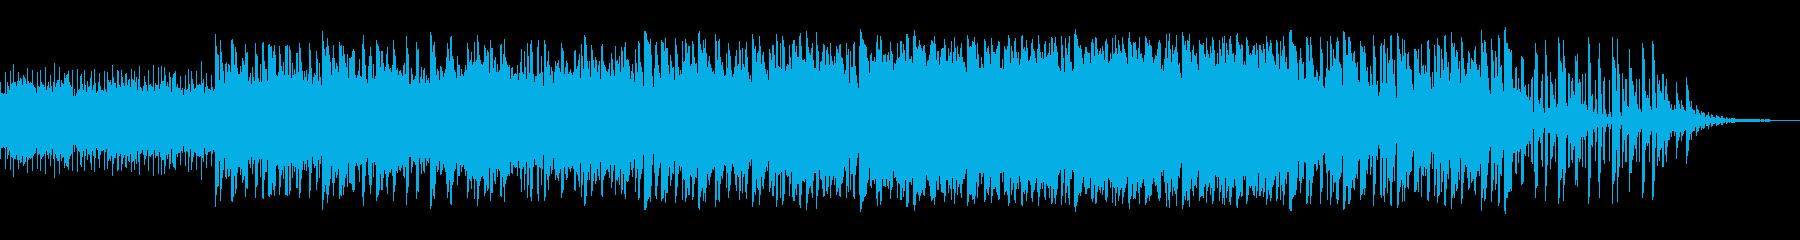 宇宙的で近未来風なBGMの再生済みの波形